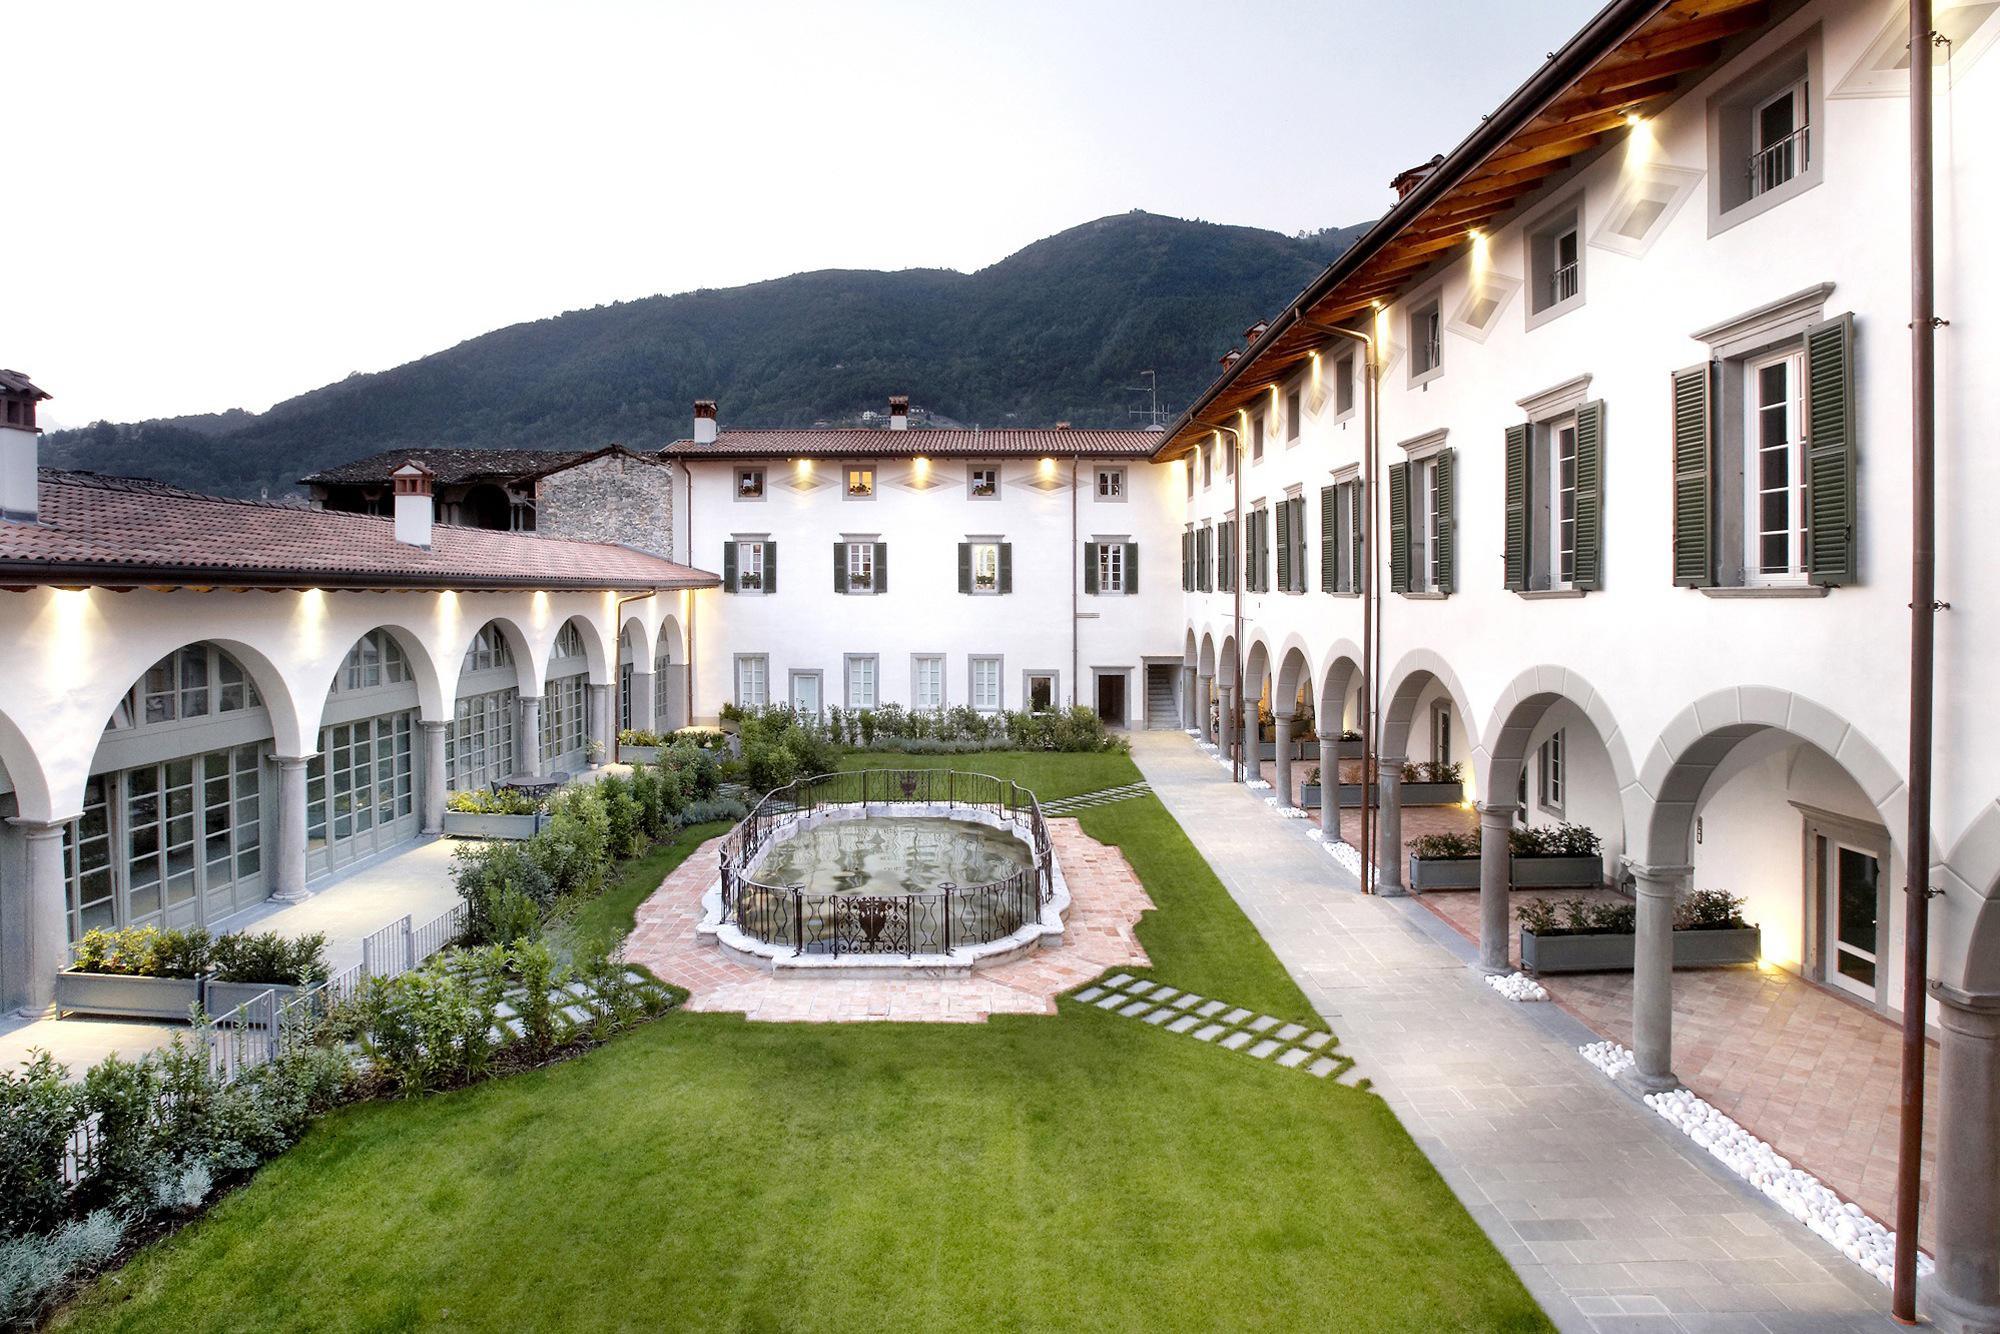 Restoration of luxury buildings